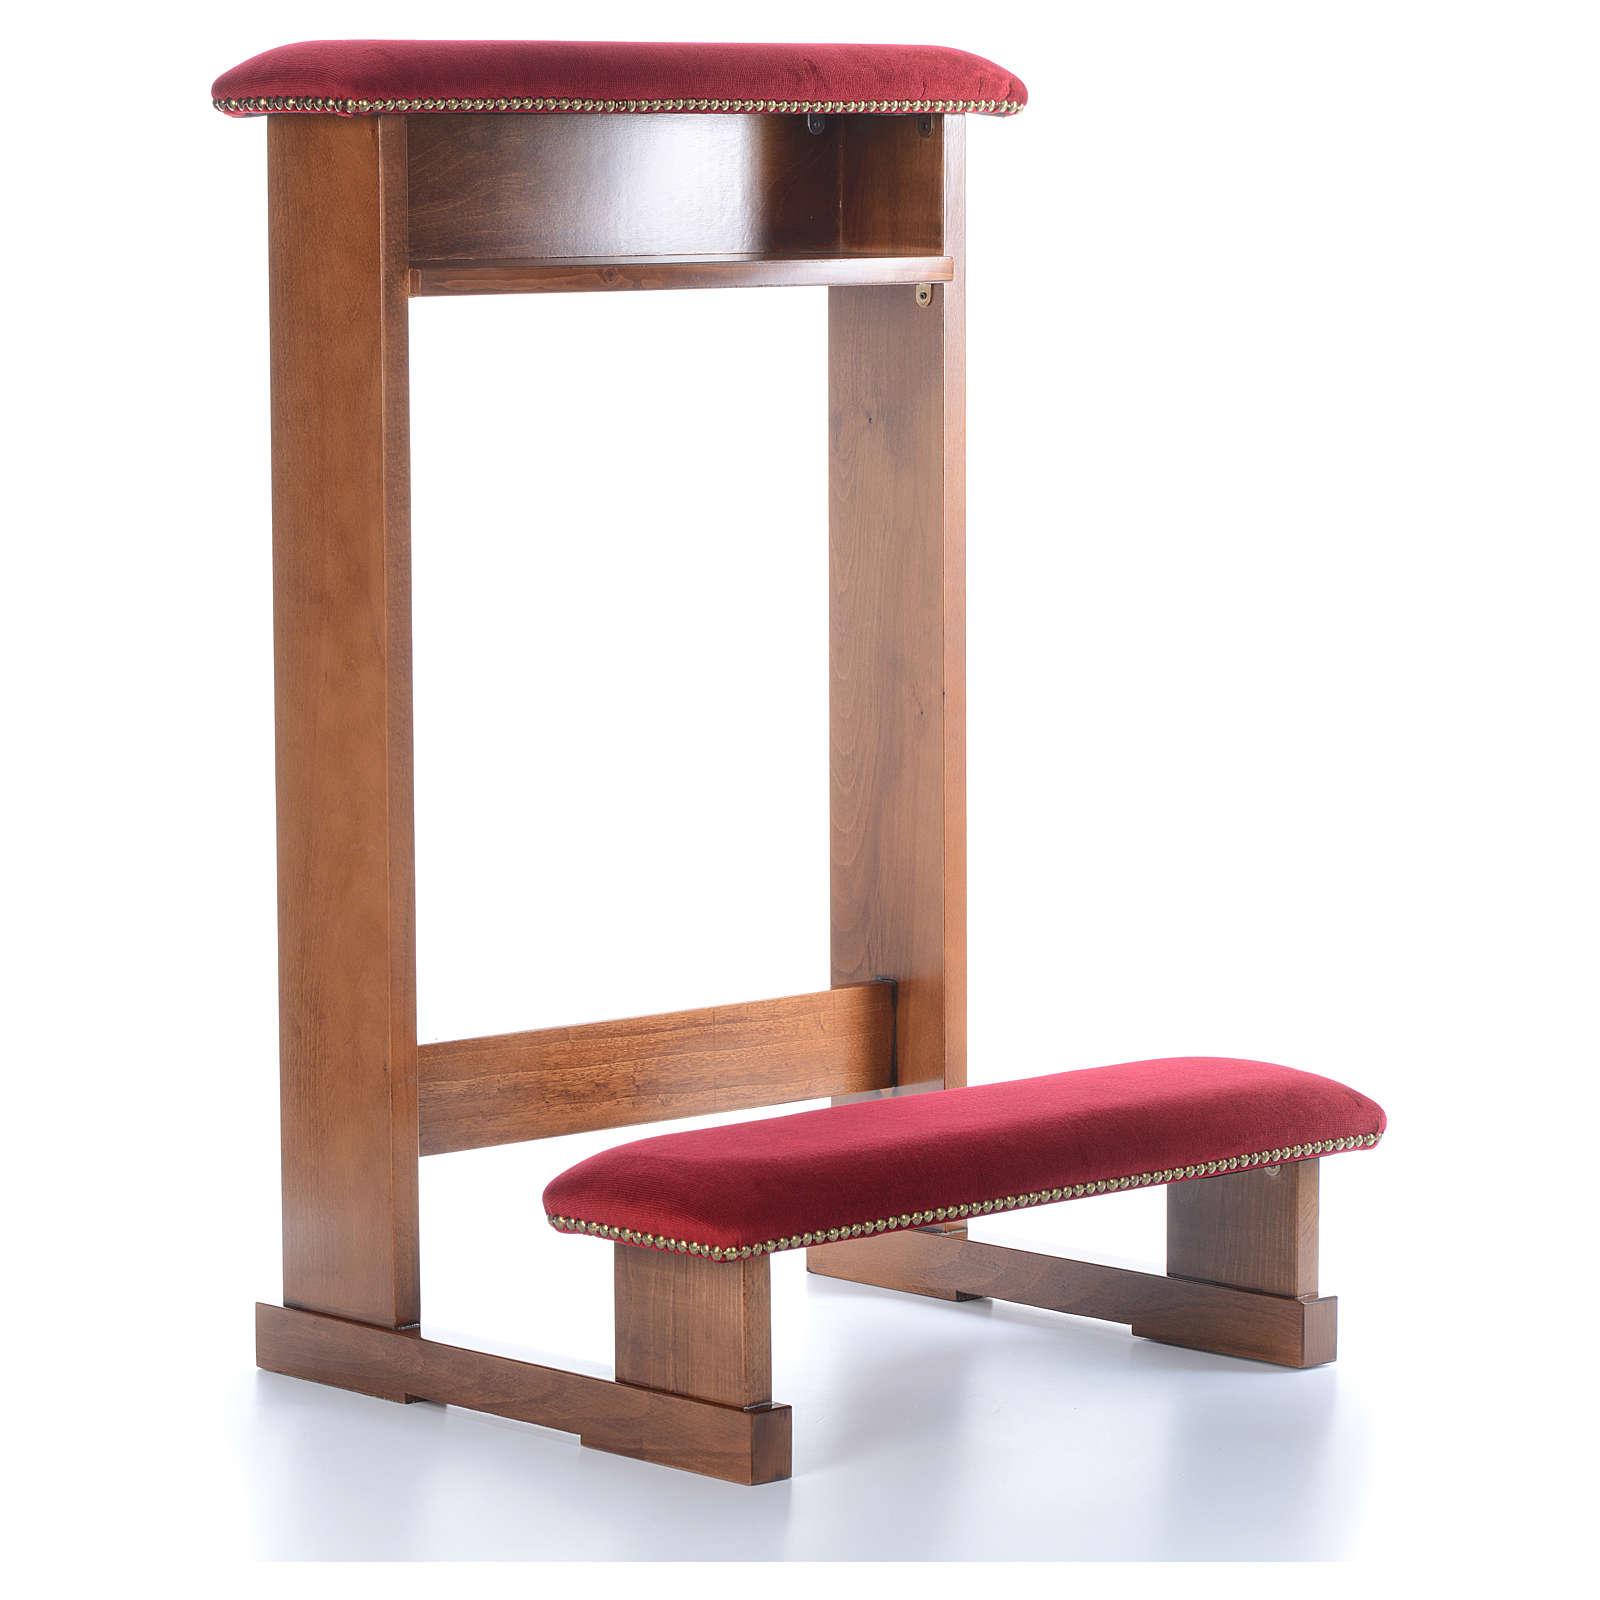 Reclinatorio modelo Asís marrón claro nogal tejido rojo 4